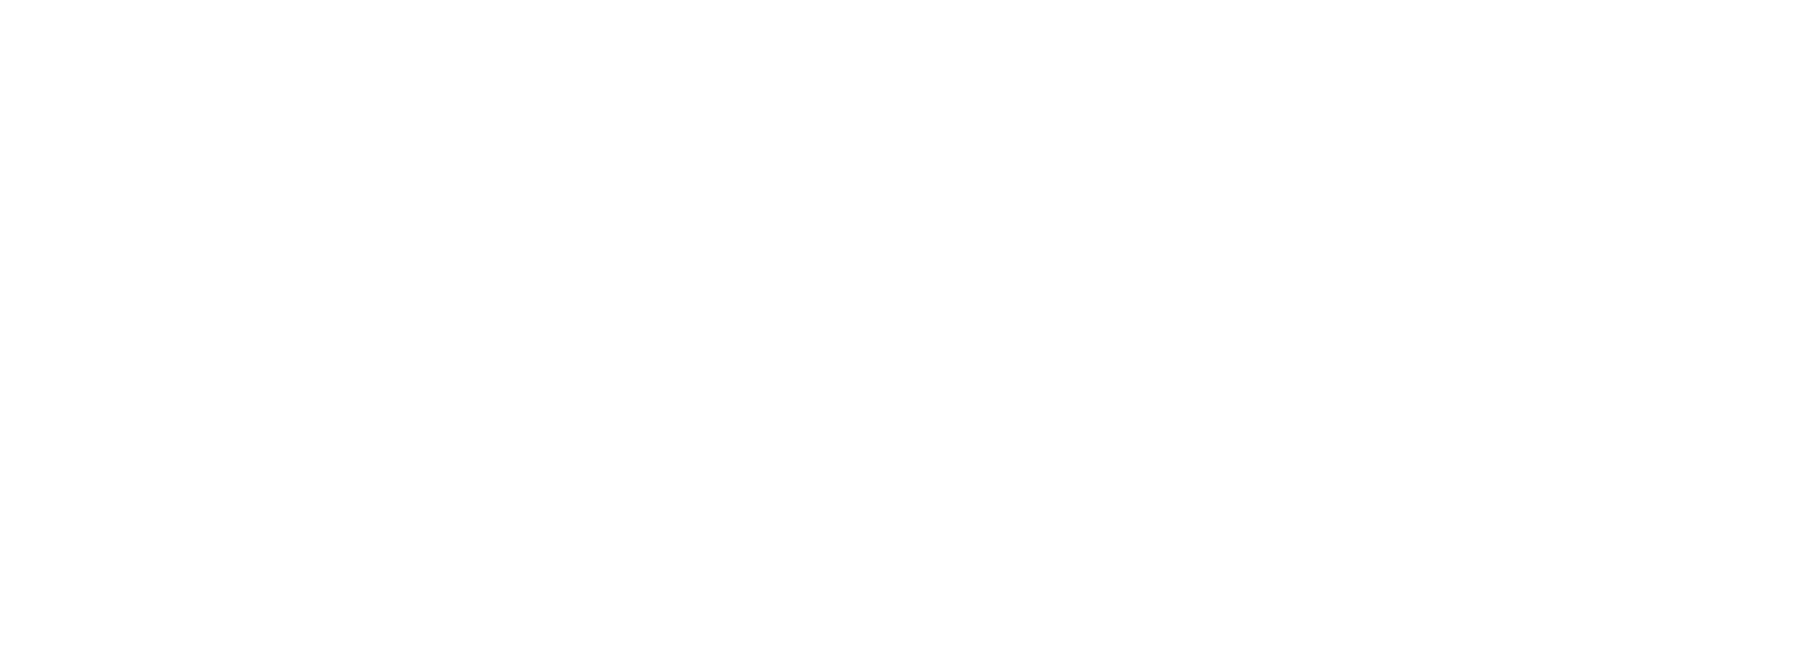 Download PNG image - Ibm White Logo Png - Ibm PNG